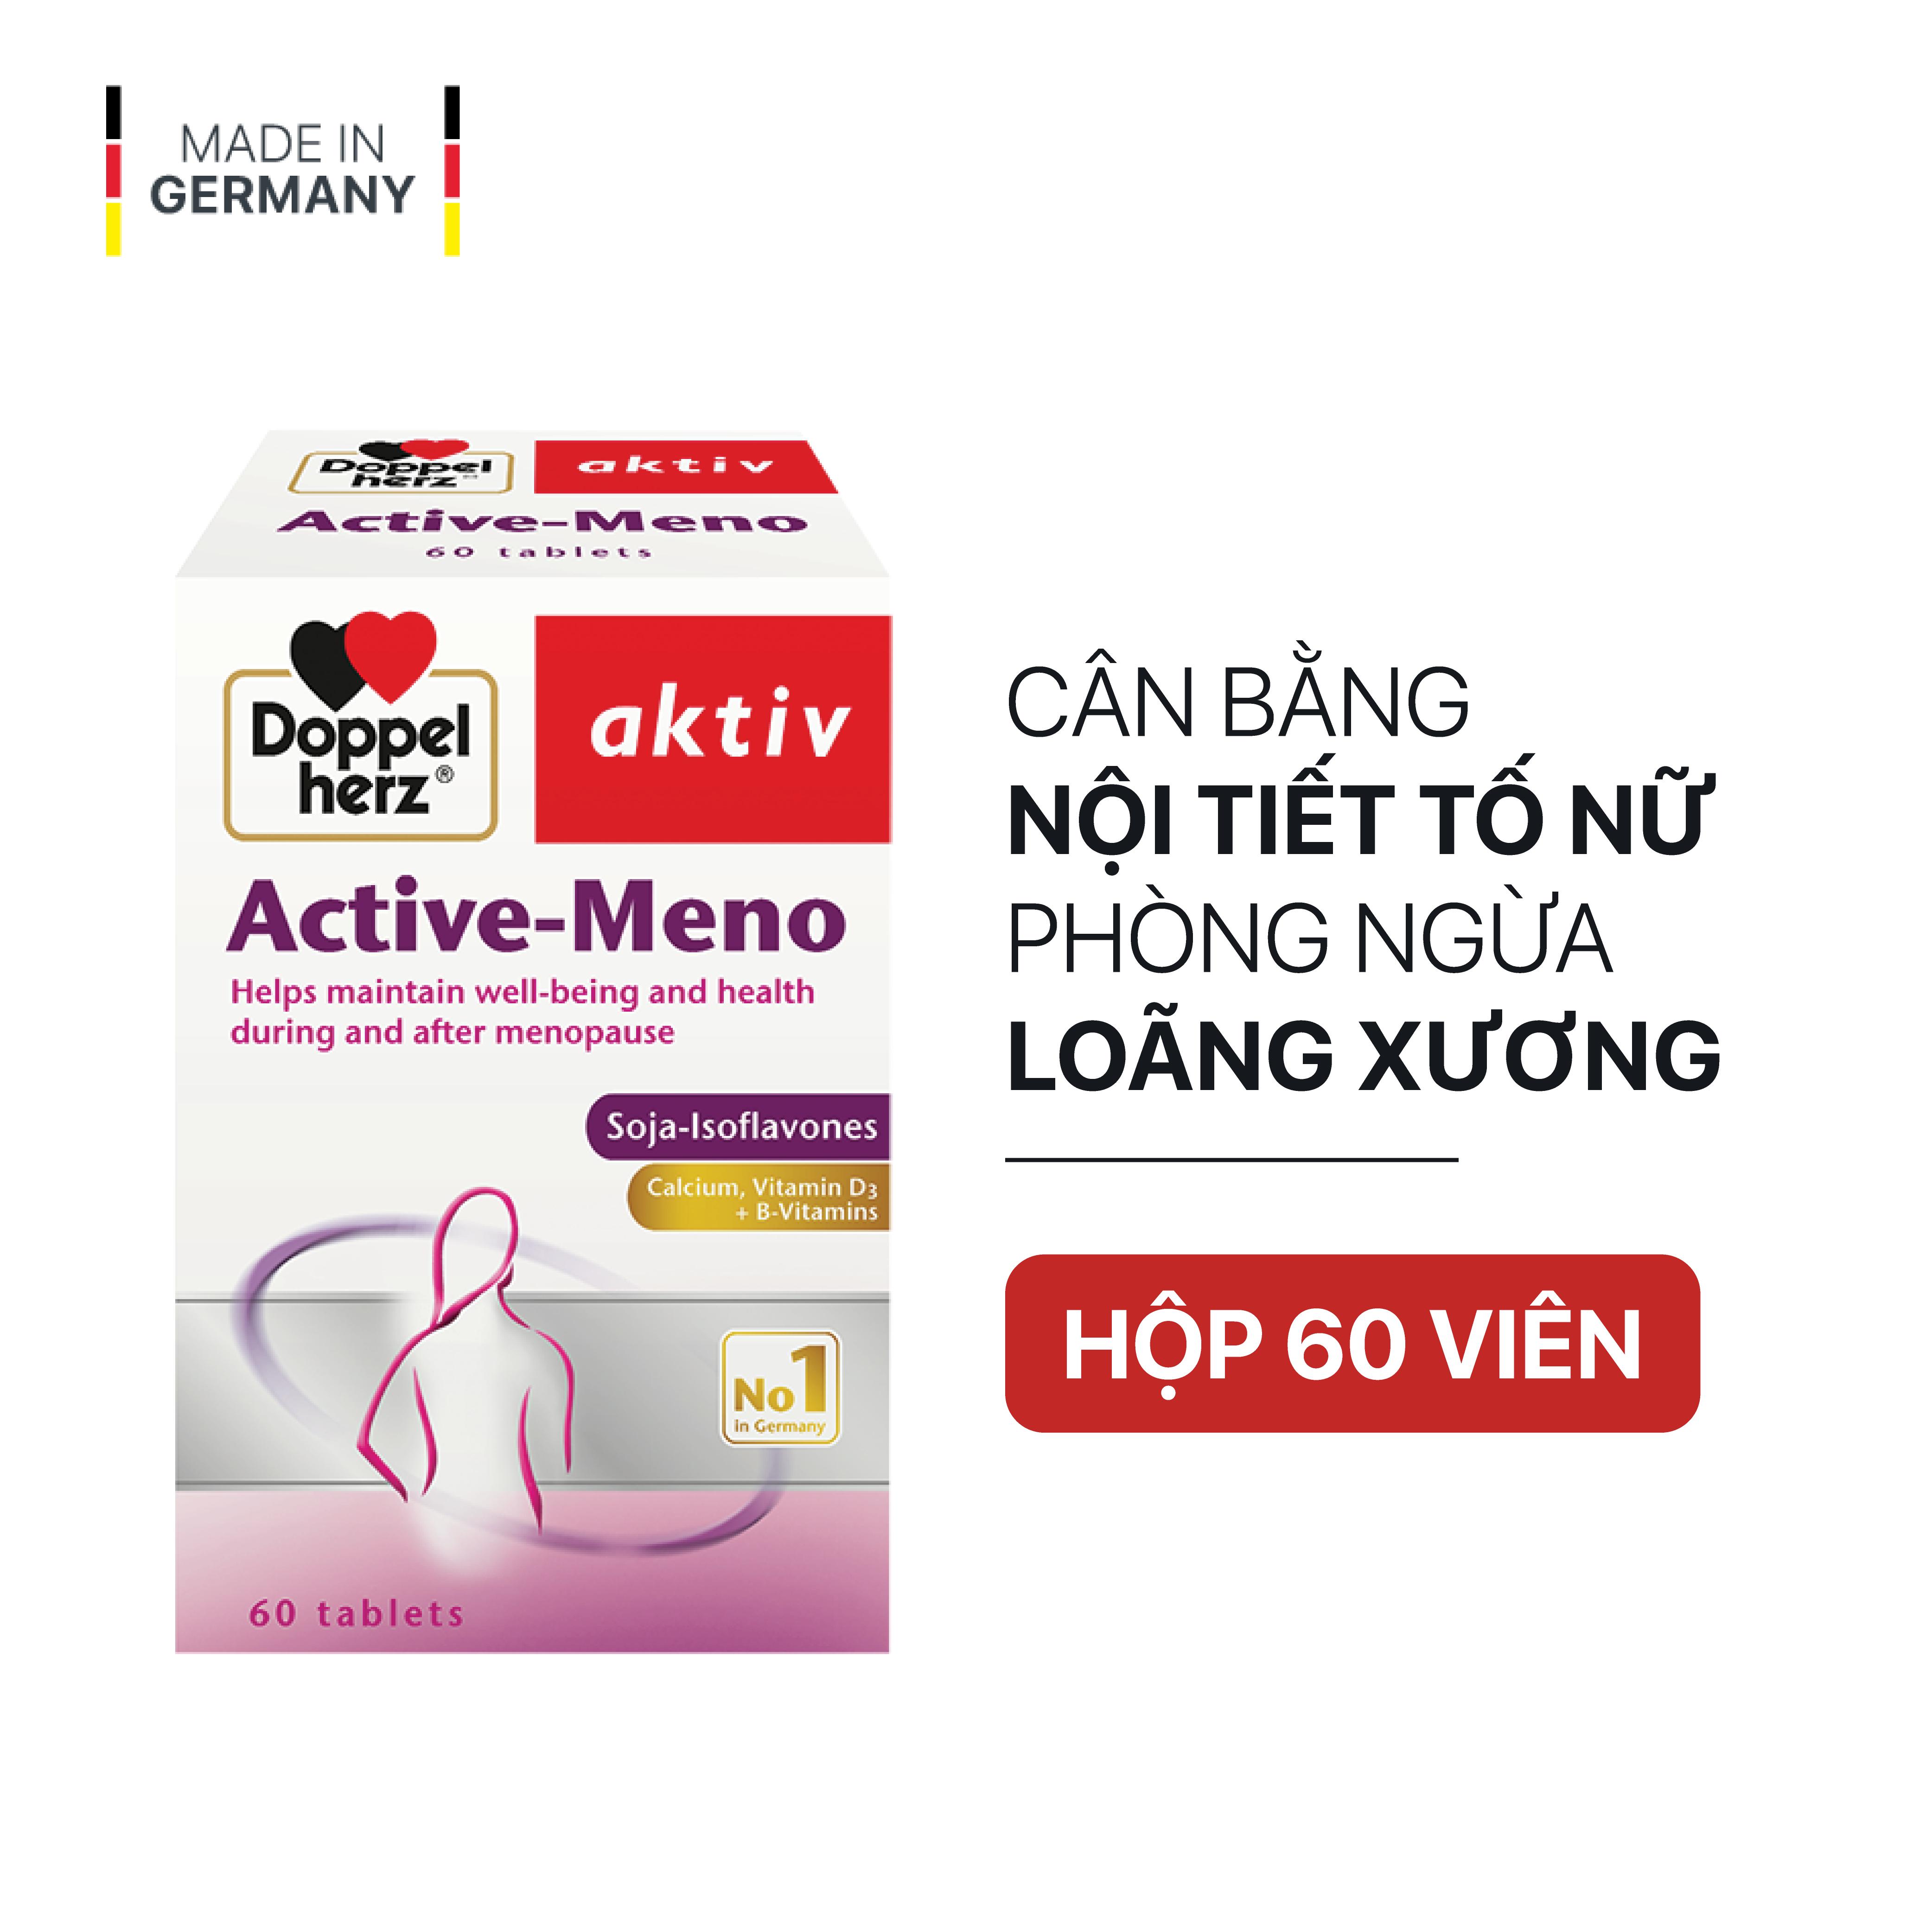 Viên uống cân bằng nội tiết tố nữ Doppelherz Aktiv Active Meno (Hộp 60 viên)